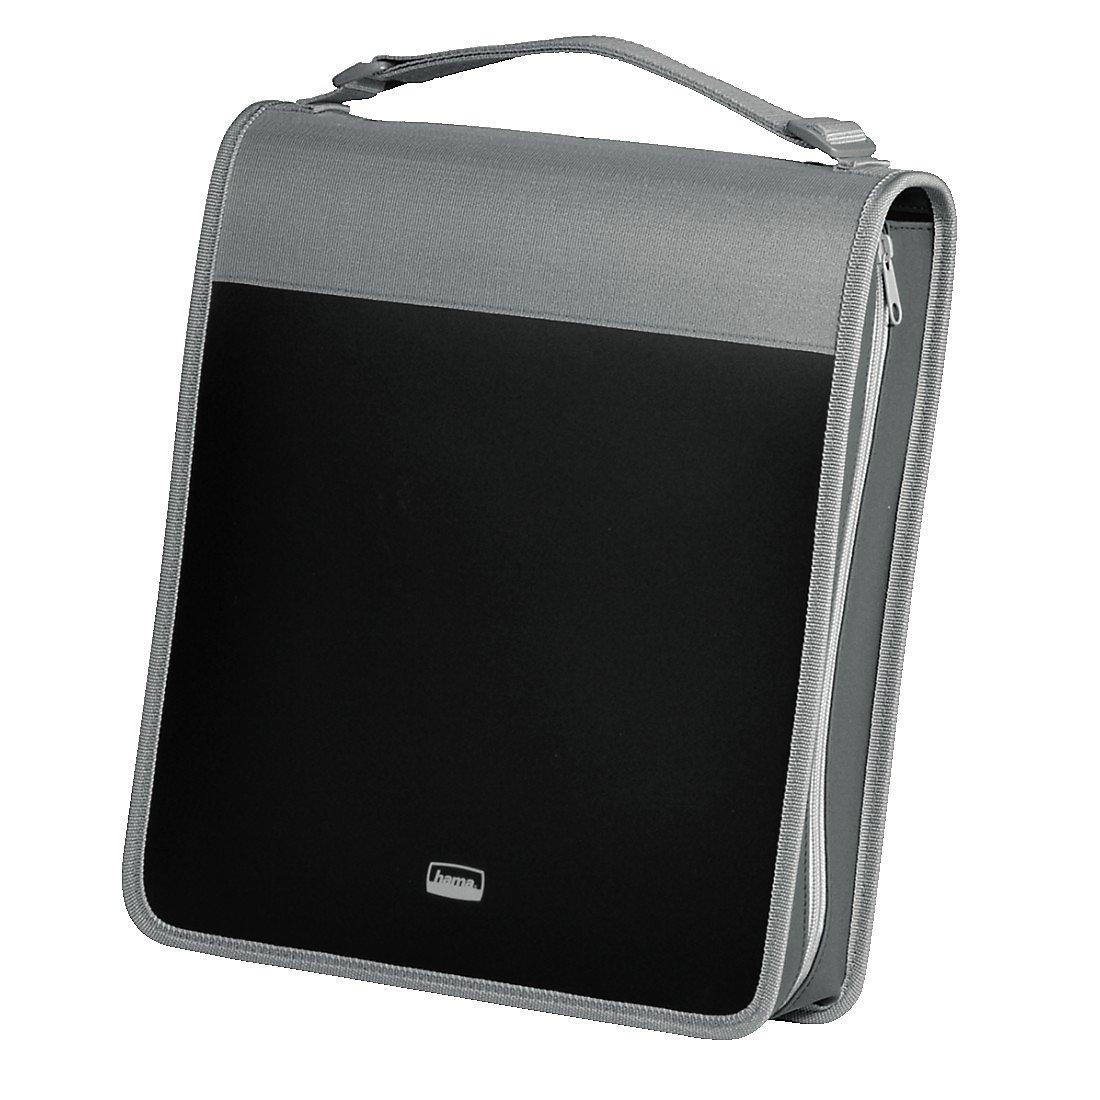 Hama CD-Wallet 200, graphit-silber, Tasche HE   Weltbild.de